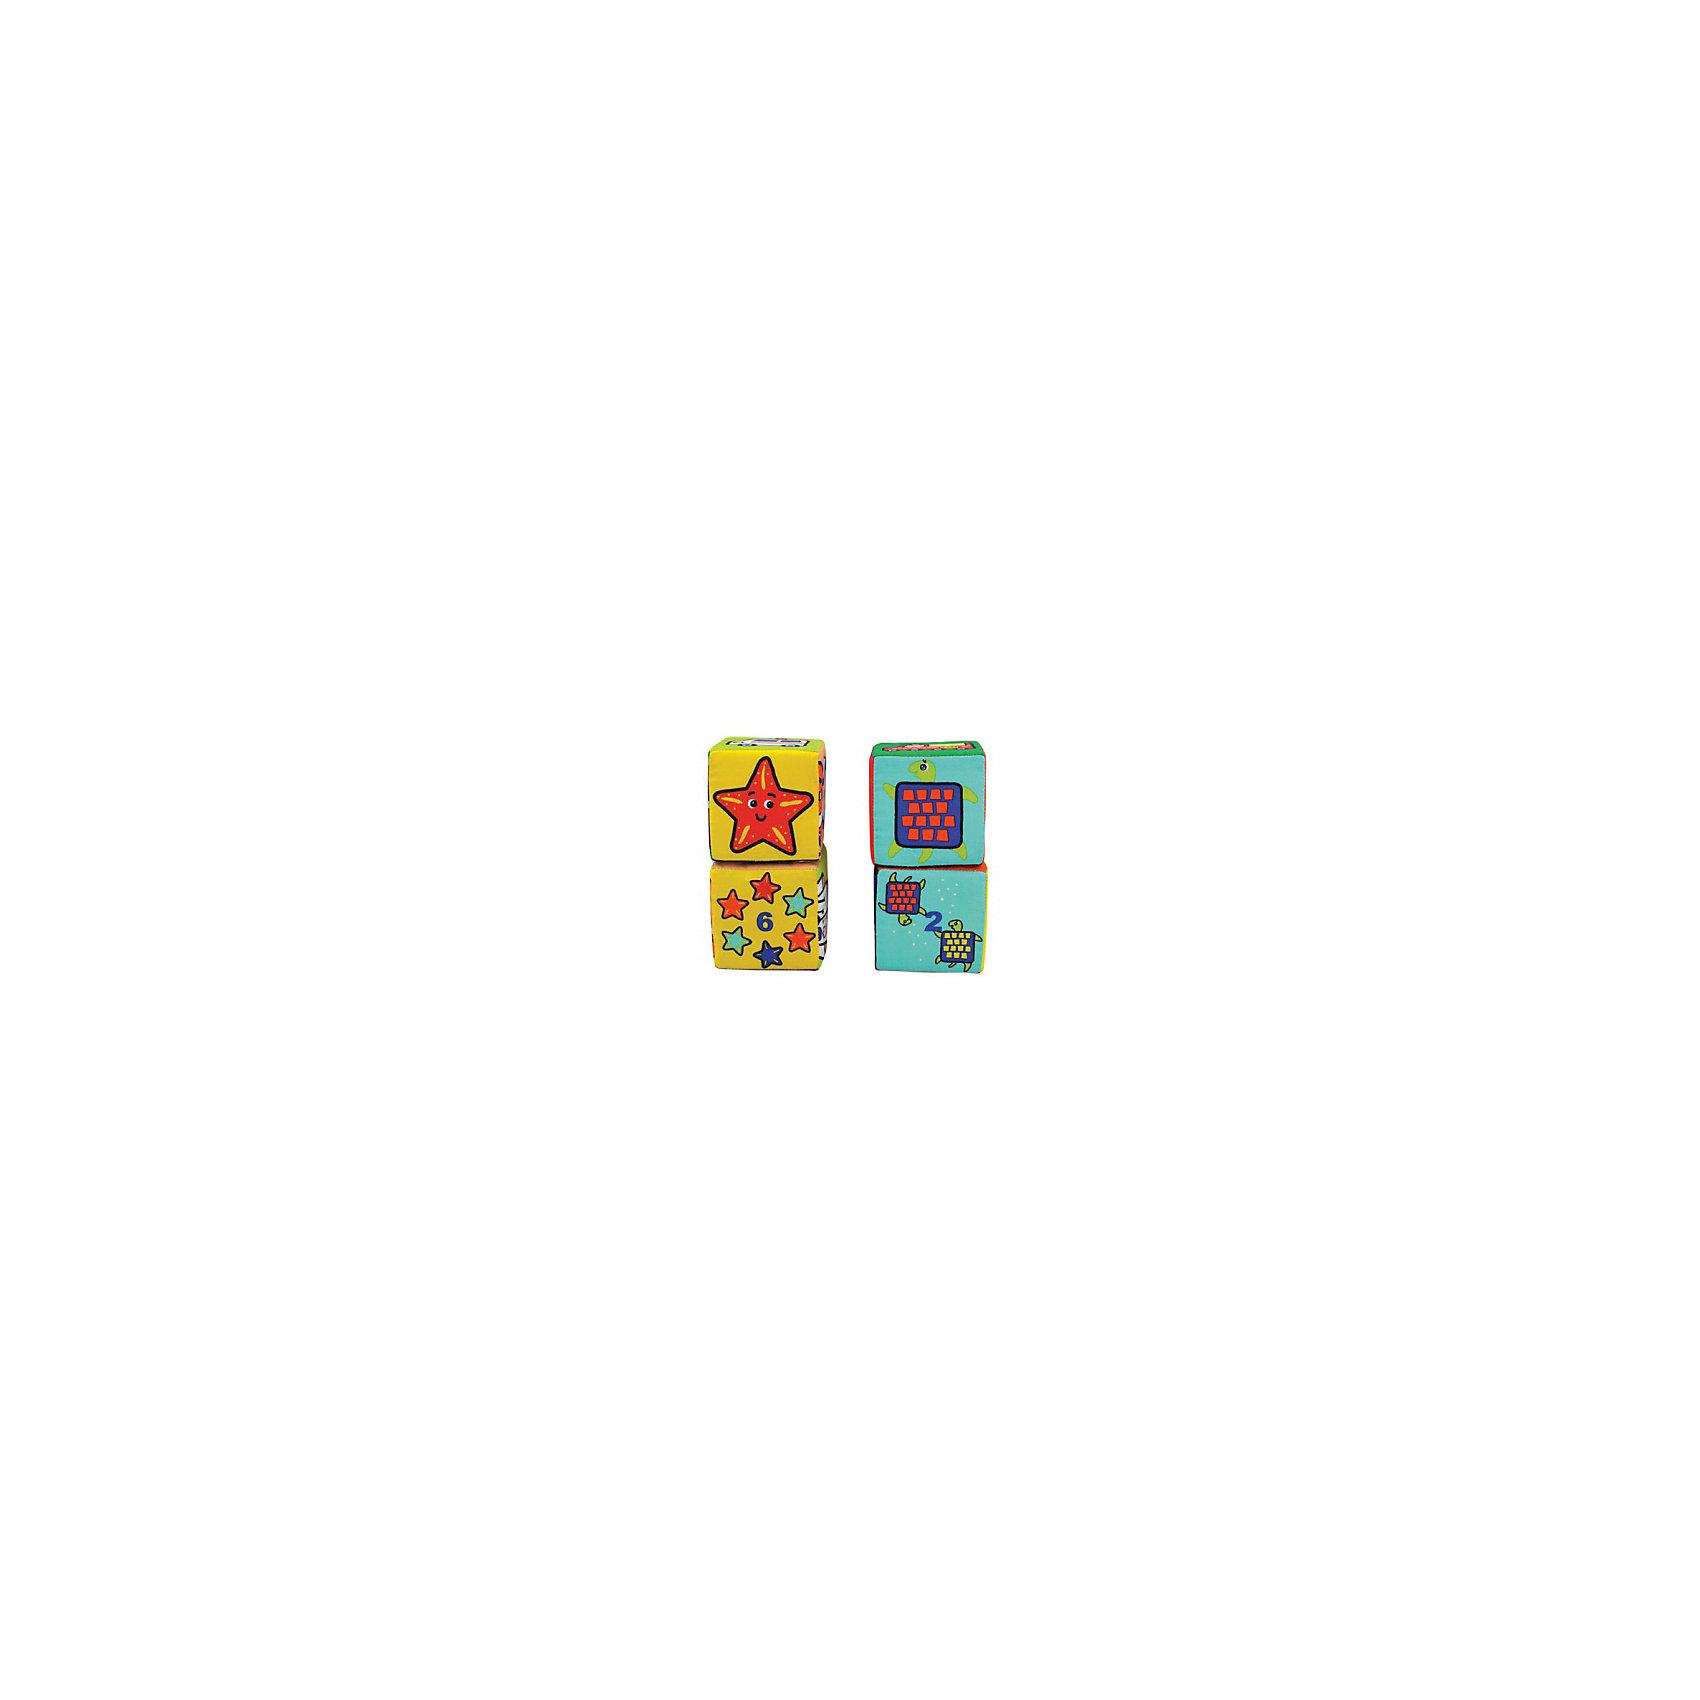 Кубики-пазлы , Ks KidsМягкие игрушки<br>Кубики-пазлы, Ks Kids (Кс Кидс) ? развивающая игрушка от мирового производителя Ks Kids (Кс Кидс), специализирующегося на детских развивающих игрушках. Каждый ребенок в детстве любит играть в кубики, а если эти кубики от Ks Kids, будьте уверены, увлекательными будут не только игры, но и обучение.<br>В комплект входят шесть мягких кубиков, на каждой стороне которых имеется либо элемент рисунка, либо цельная картинка, либо цифра. Полная картинка составляется из двух кубиков, изображает одного из трех знаменитых персонажей бренда: медвежонка Бобби, собачку Патрика, кошечку Мими.  Несмотря на то, что кубики текстильные, они очень устойчивые, а потому построенные из них башенки будут надежными. <br>Кубики-пазлы, Ks Kids (Кс Кидс) выполнены из текстиля ярких расцветок, даже после многих стирок они не потеряют форму и не изменят цвет. Вариантов игр с кубиками-пазлами достаточно много – все зависит только от воображения: из них можно строить, с ними можно выполнять логические задания («подбери пару»), можно собирать картинки, учить прямой и обратный счет до 6.  <br>Кубики-пазлы, Ks Kids (Кс Кидс) способствуют формированию у вашего ребенка логического и пространственного мышления, развивают зрительную память и тактильные ощущения, позволят получить первые представления о математике. <br><br>Дополнительная информация:<br><br>- Вид игр: развивающие<br>- Предназначение: для дома, для детского сада, для детских развивающих центров<br>- Материал: текстиль<br>- Размер: 28*10*23 см<br>- Вес: 330 г<br>- Особенности ухода: разрешается стирка в щадящем режиме<br><br>Подробнее:<br><br>• Для детей в возрасте: от 1 года до 3 лет<br>• Страна производитель: Китай<br>• Торговый бренд: Ks Kids (Кс Кидс)<br><br>Кубики-пазлы, Ks Kids (Кс Кидс) можно купить в нашем интернет-магазине.<br><br>Ширина мм: 280<br>Глубина мм: 100<br>Высота мм: 230<br>Вес г: 330<br>Возраст от месяцев: 12<br>Возраст до месяцев: 36<br>Пол: Унисекс<br>Возраст: Детский<br>SKU: 47994